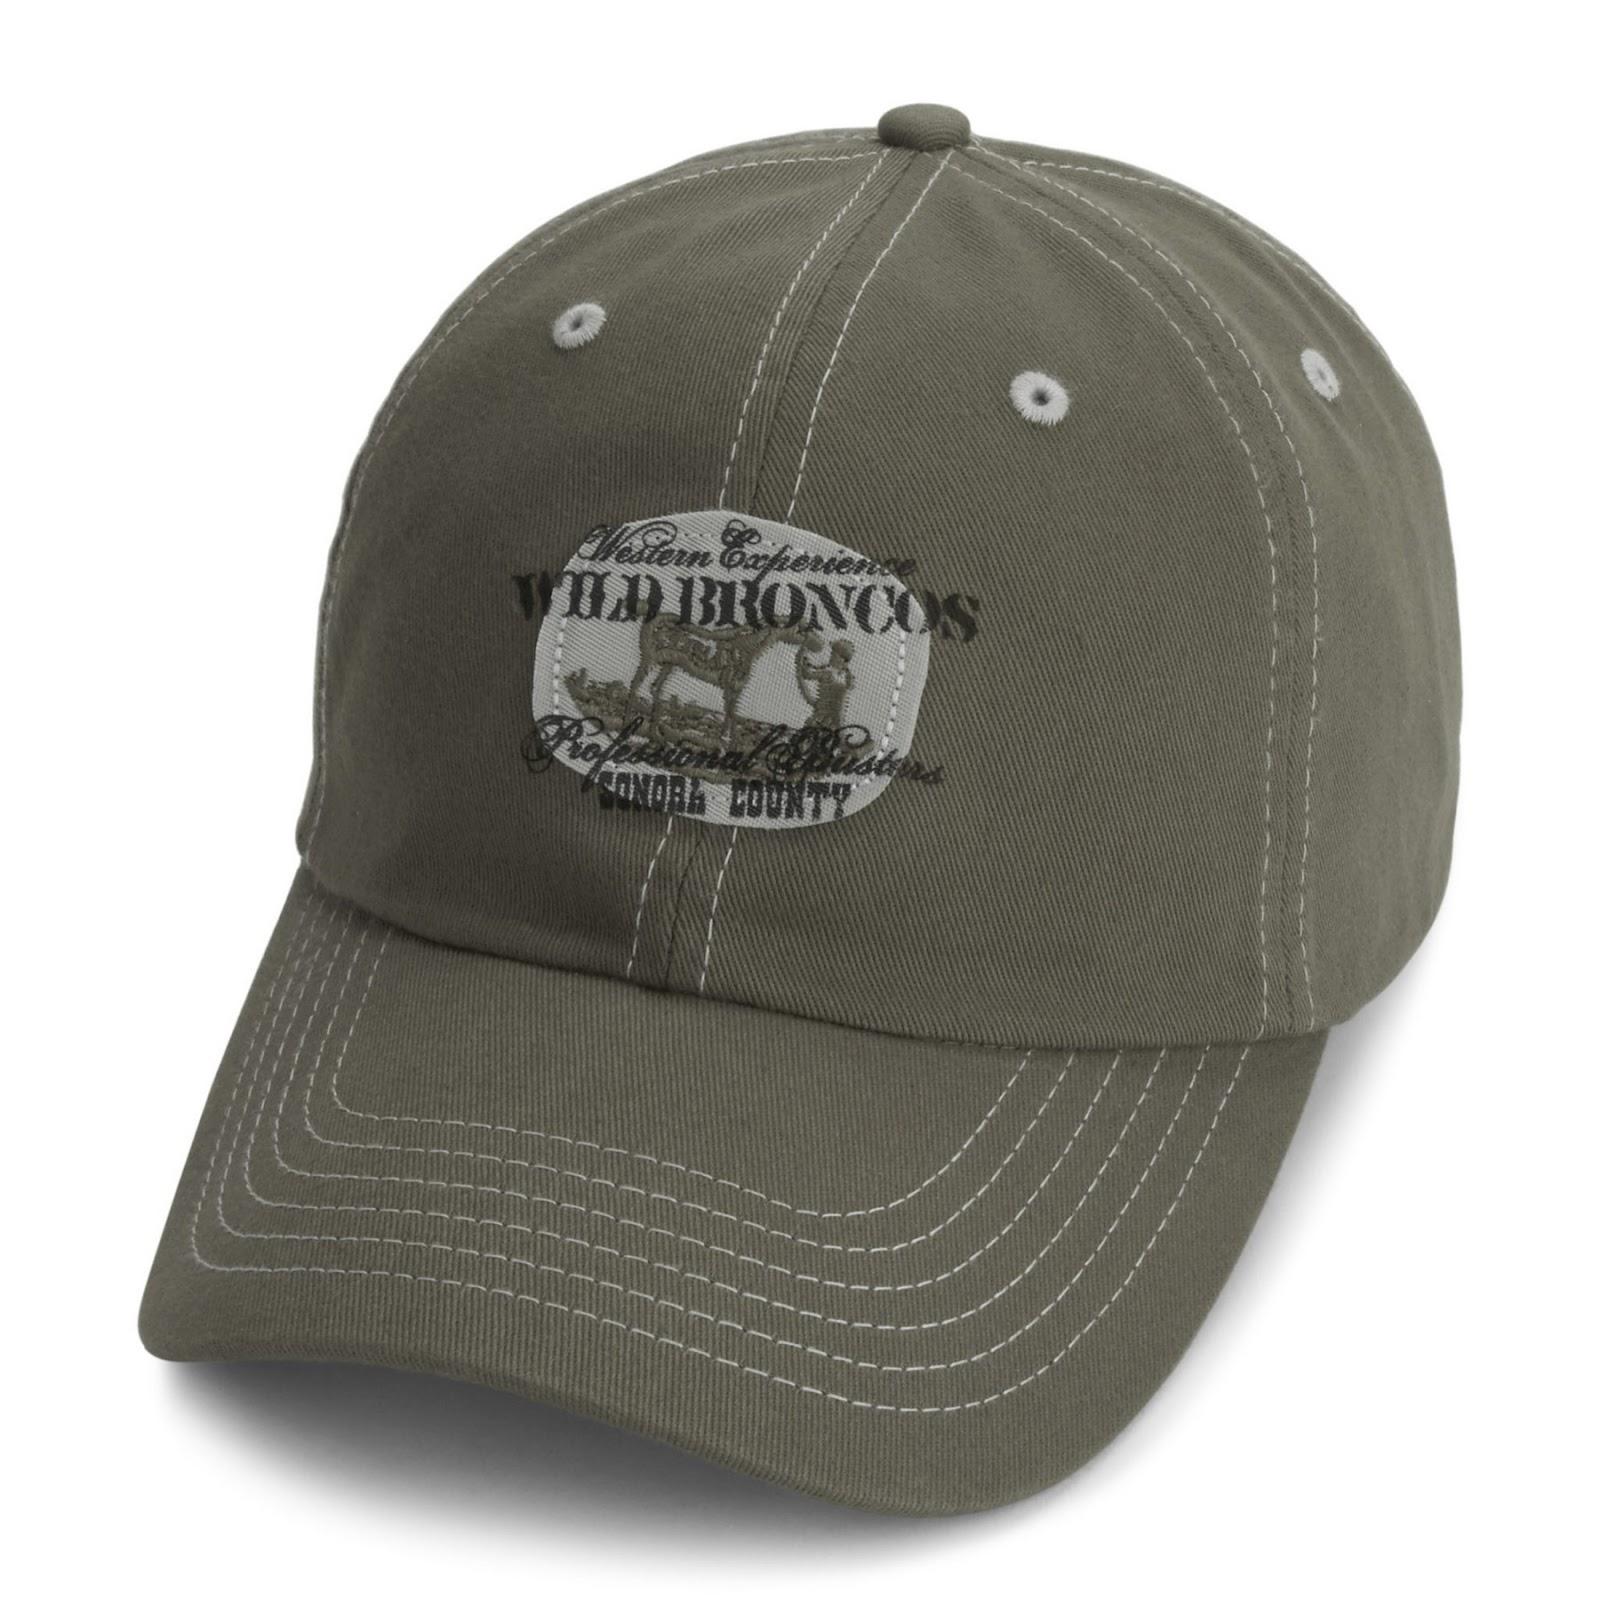 stitched Cap Design